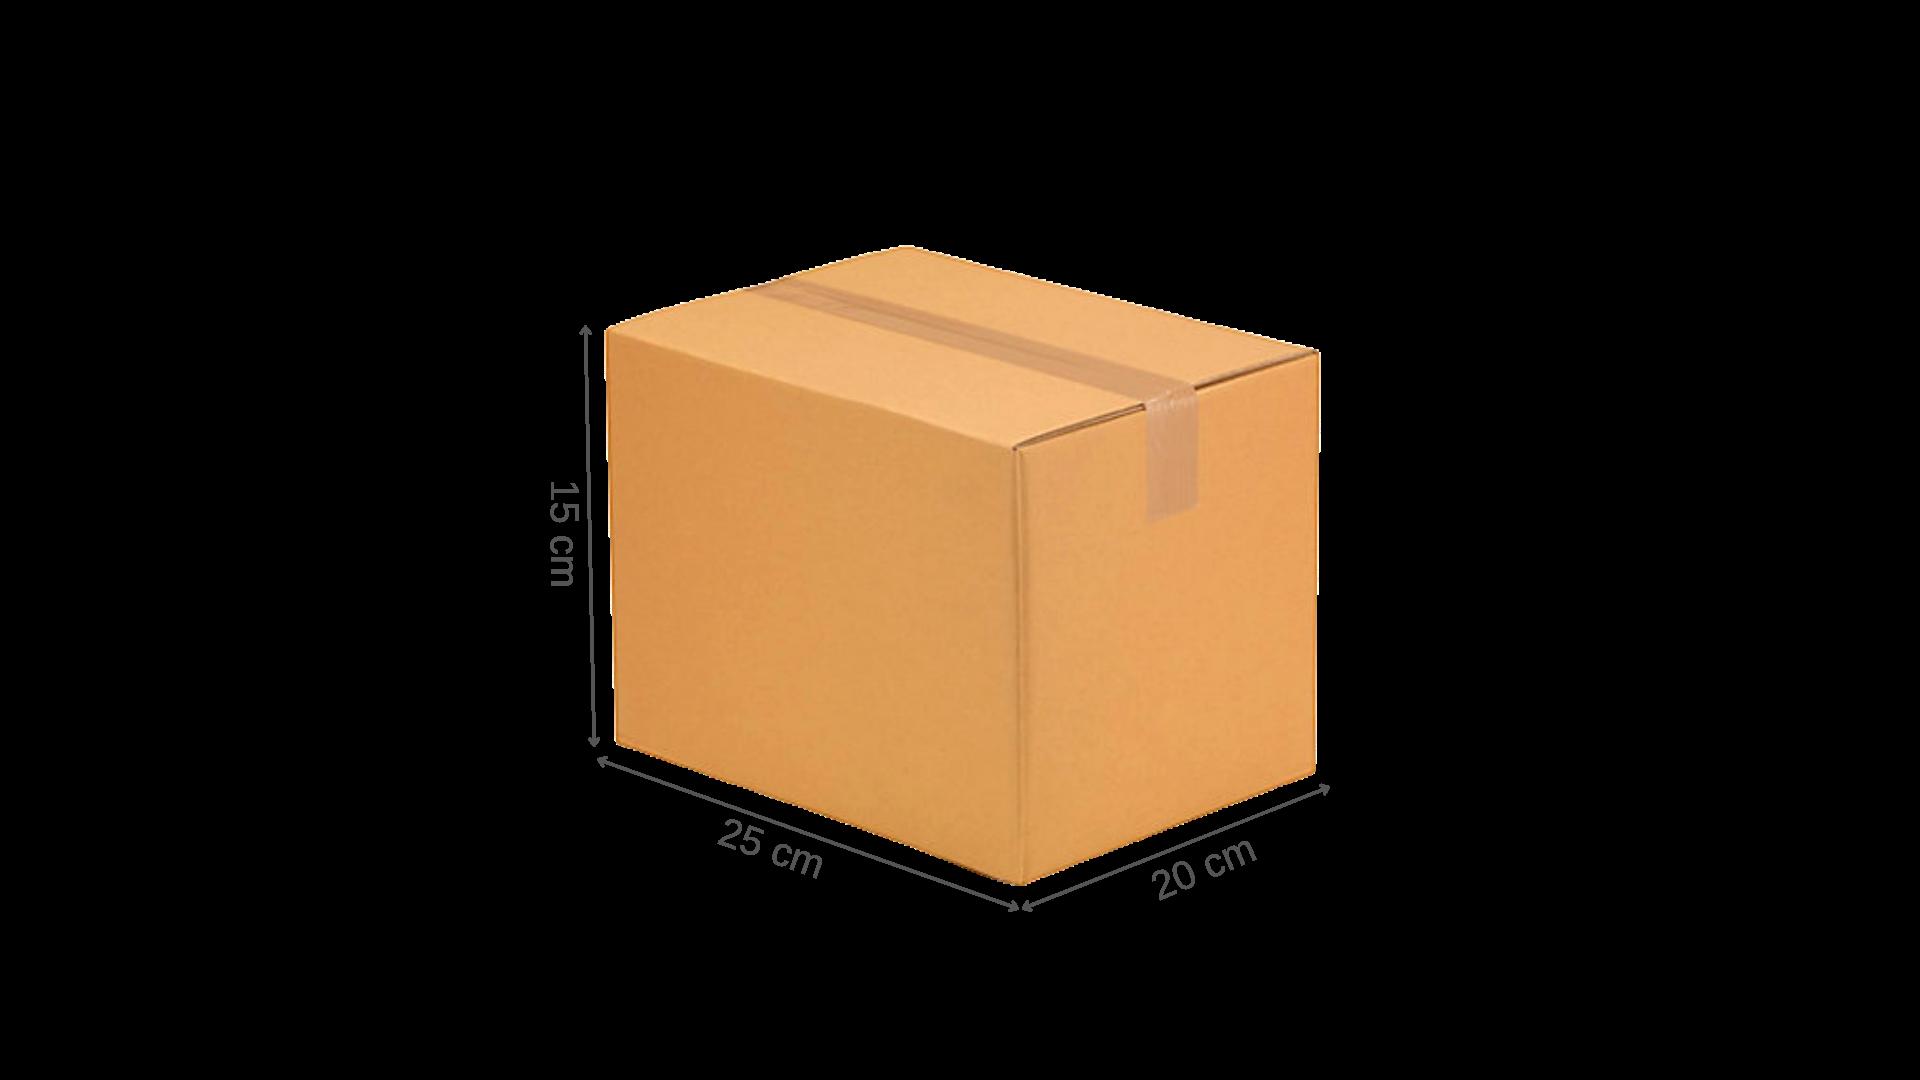 Carton double cannelure 25x20x15 cm